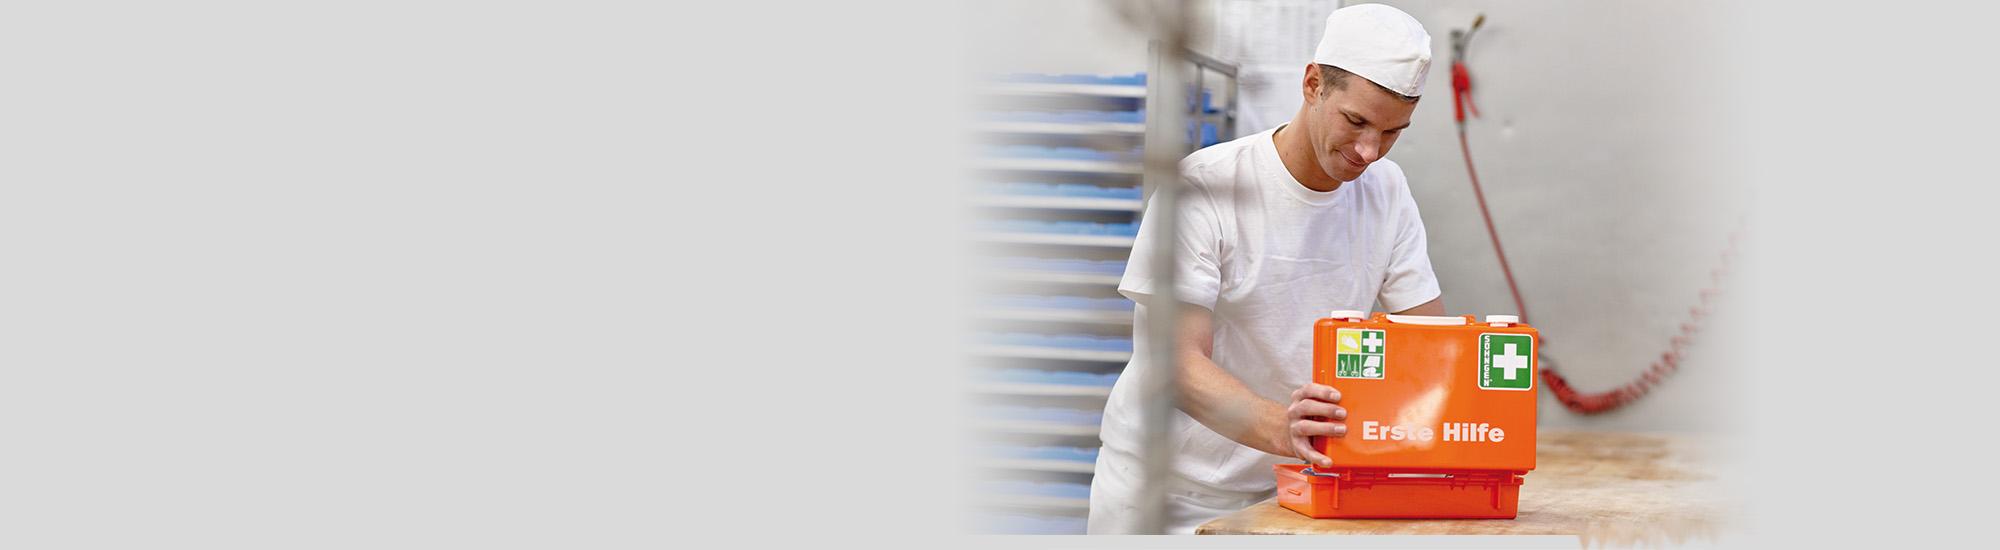 Ein junger Bäcker öffnet einen Erste-Hilfe-Kasten